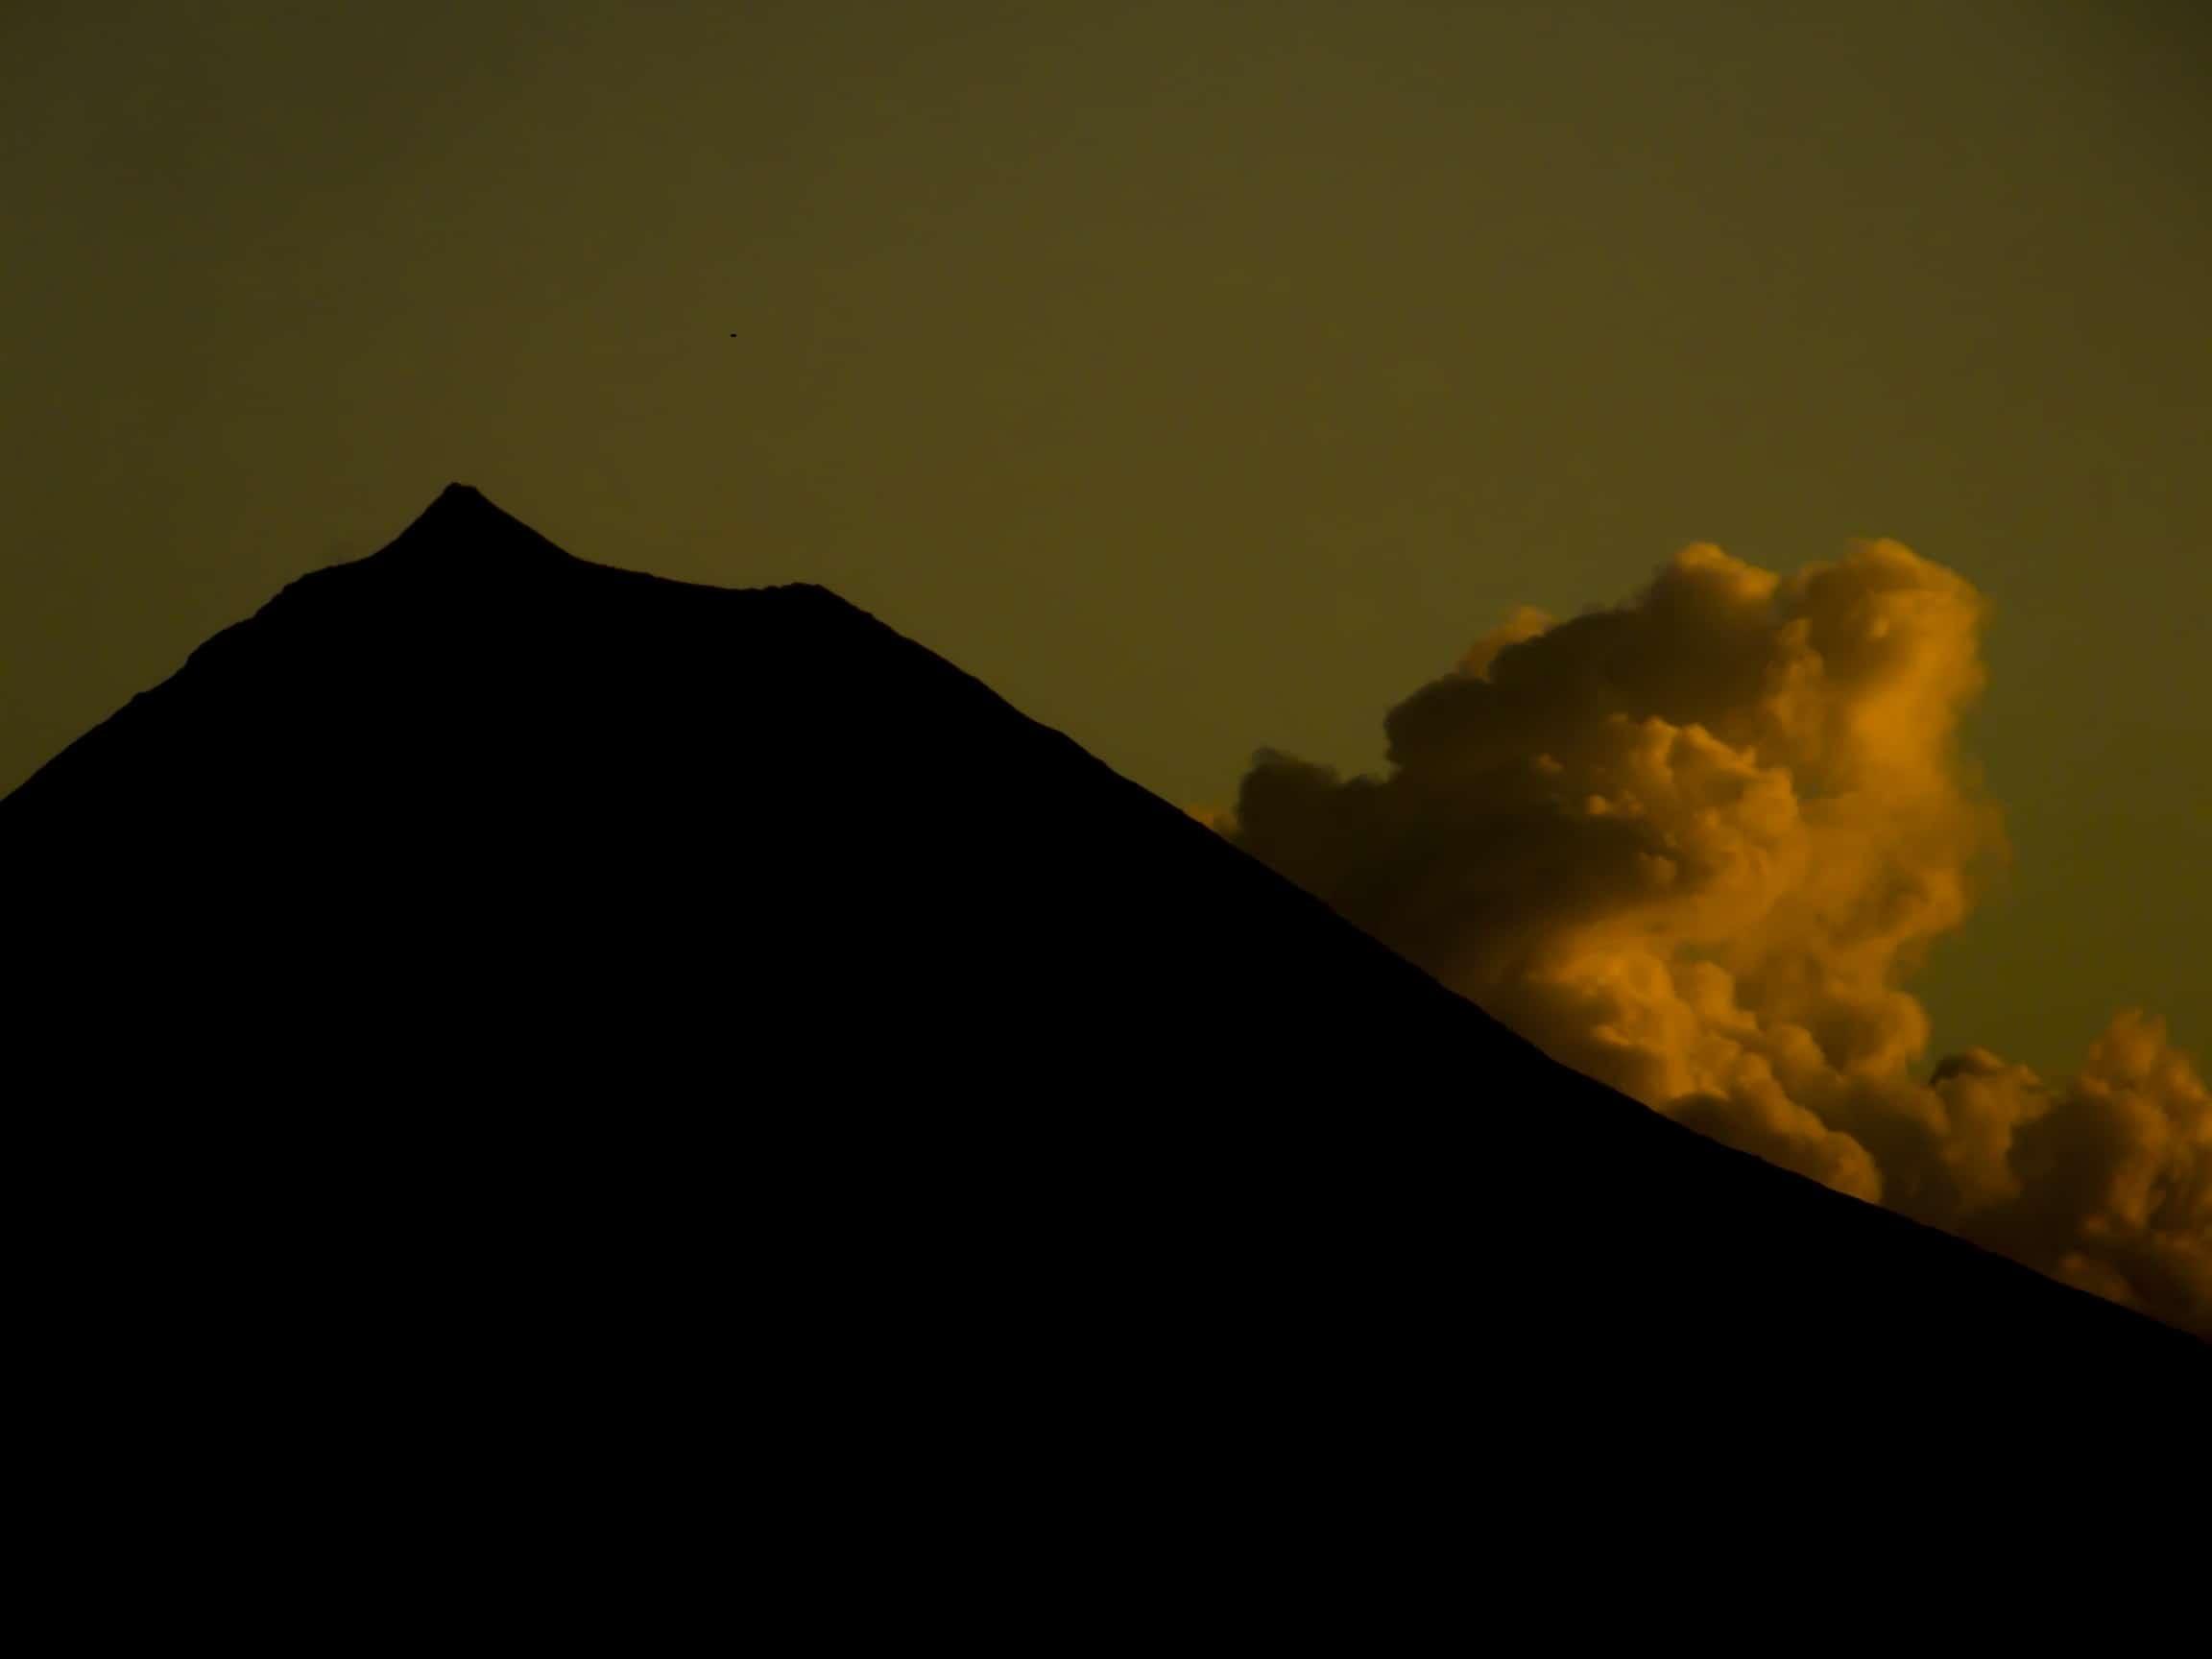 Pico, de hoogste top van Portugal